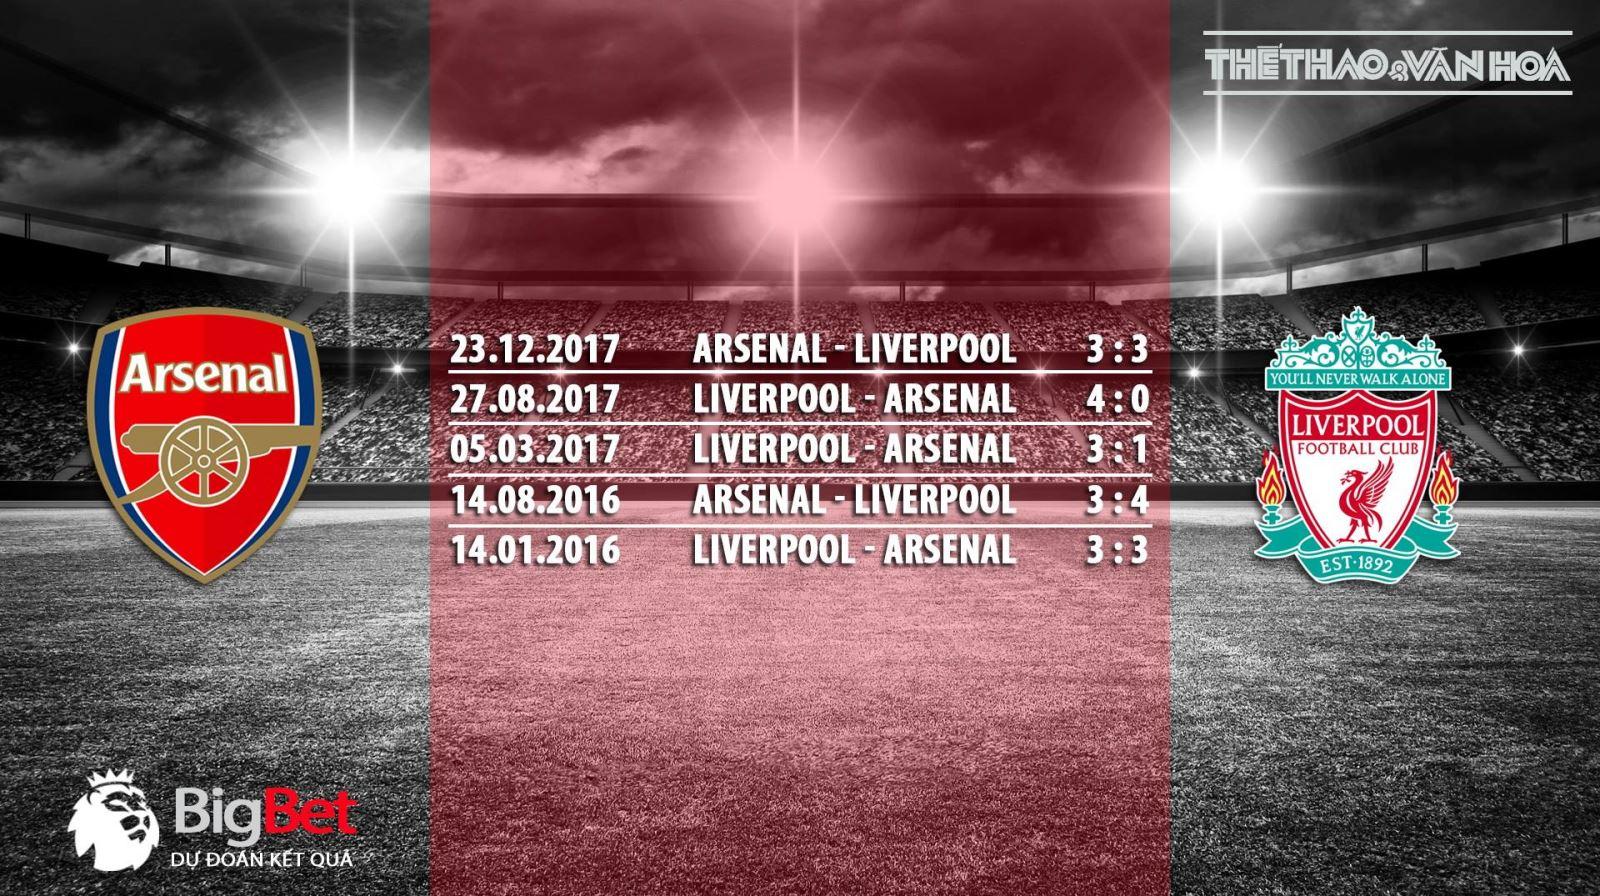 Soi kèoArsenal vs Liverpool (00h30 ngày 04/11) thuộc vòng 11 giải bóng đá Ngoại hạng Anh. Nhận định và dự đoán Arsenal vs Liverpool.